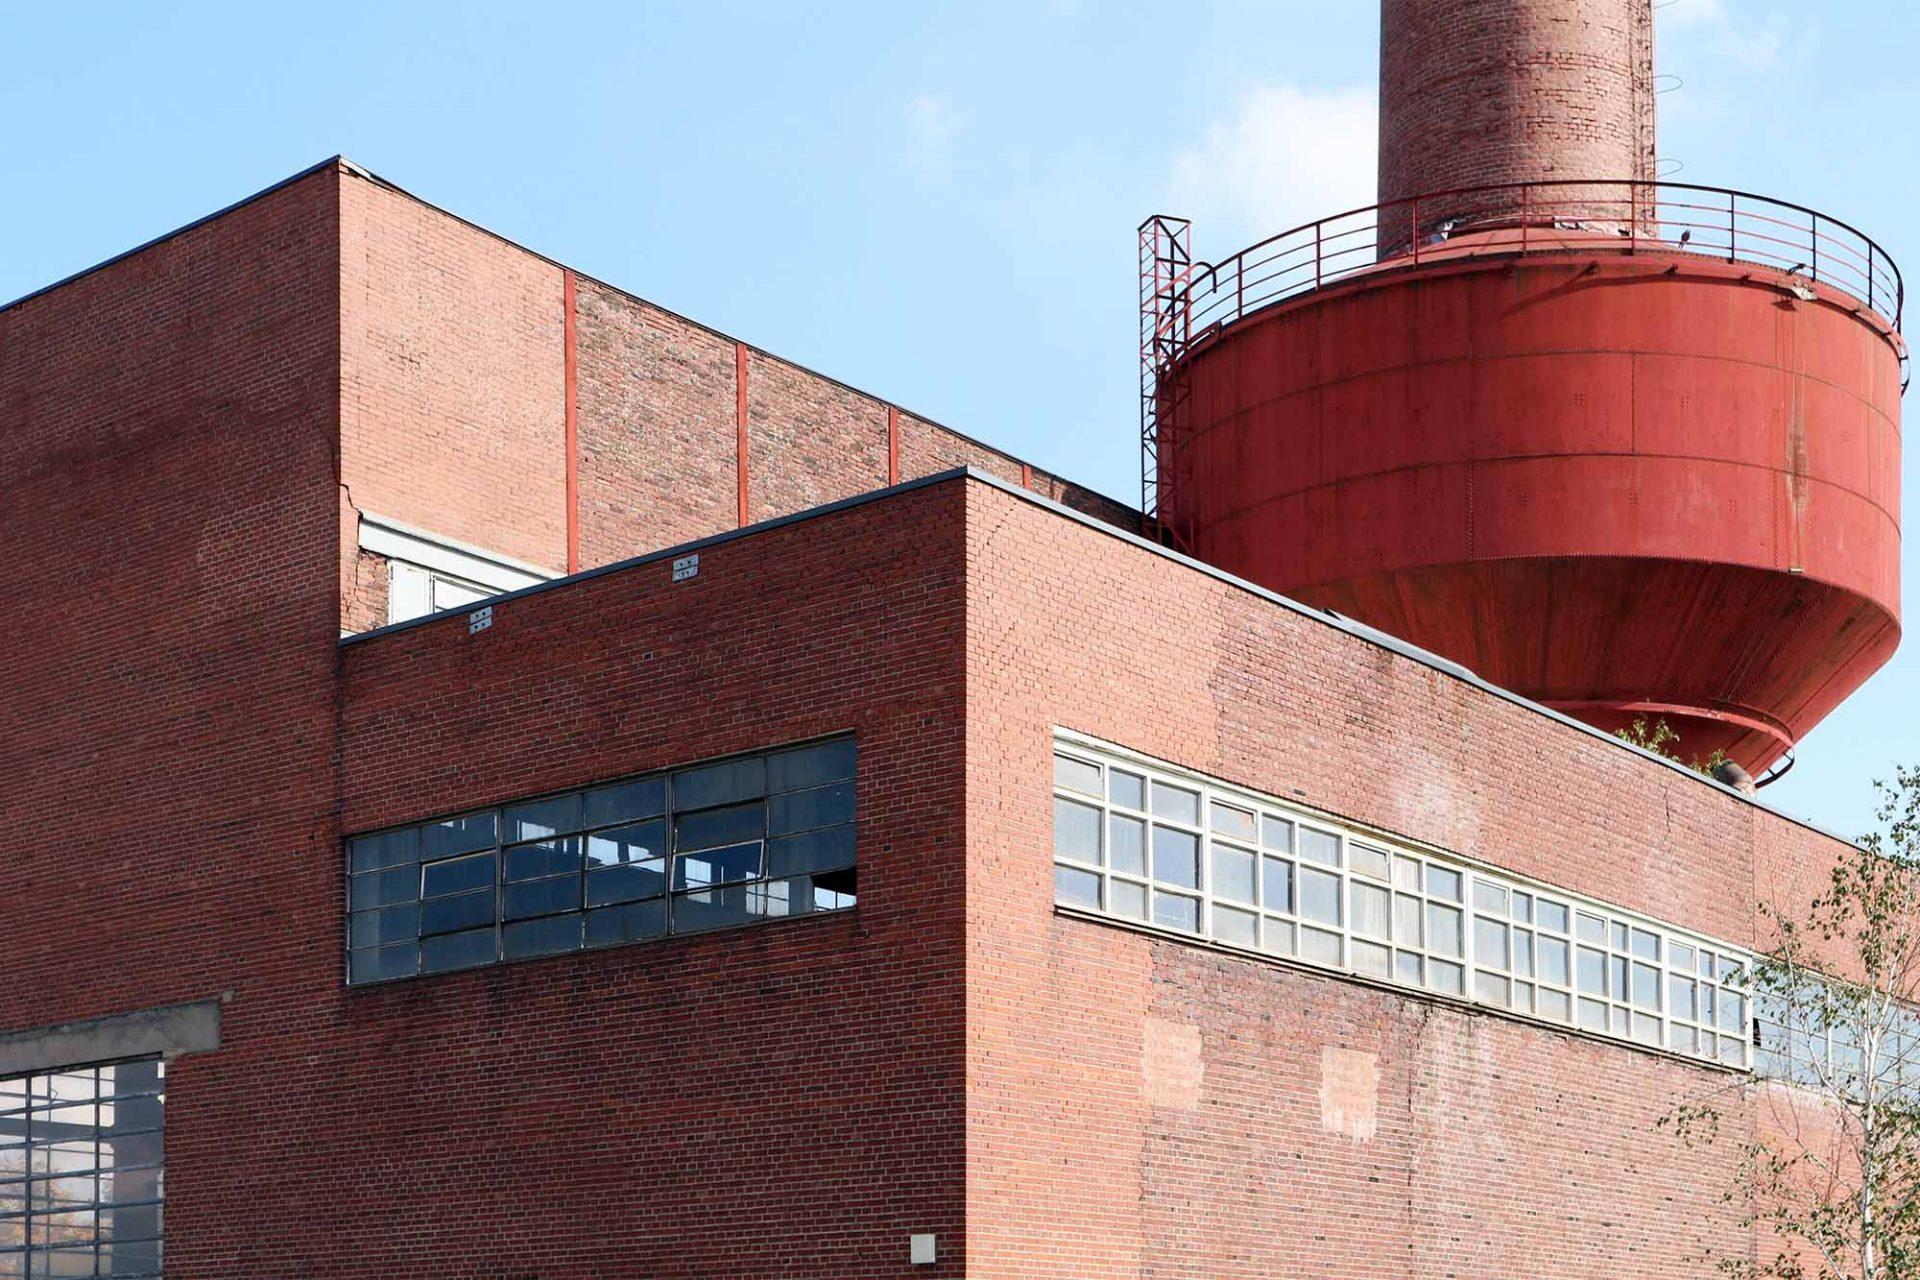 Mies van der Rohe Business Park. Böll war mit seinem Büro einer der Beteiligten bei der Transformation der Weltkulturerbestätte Zeche Zollverein.